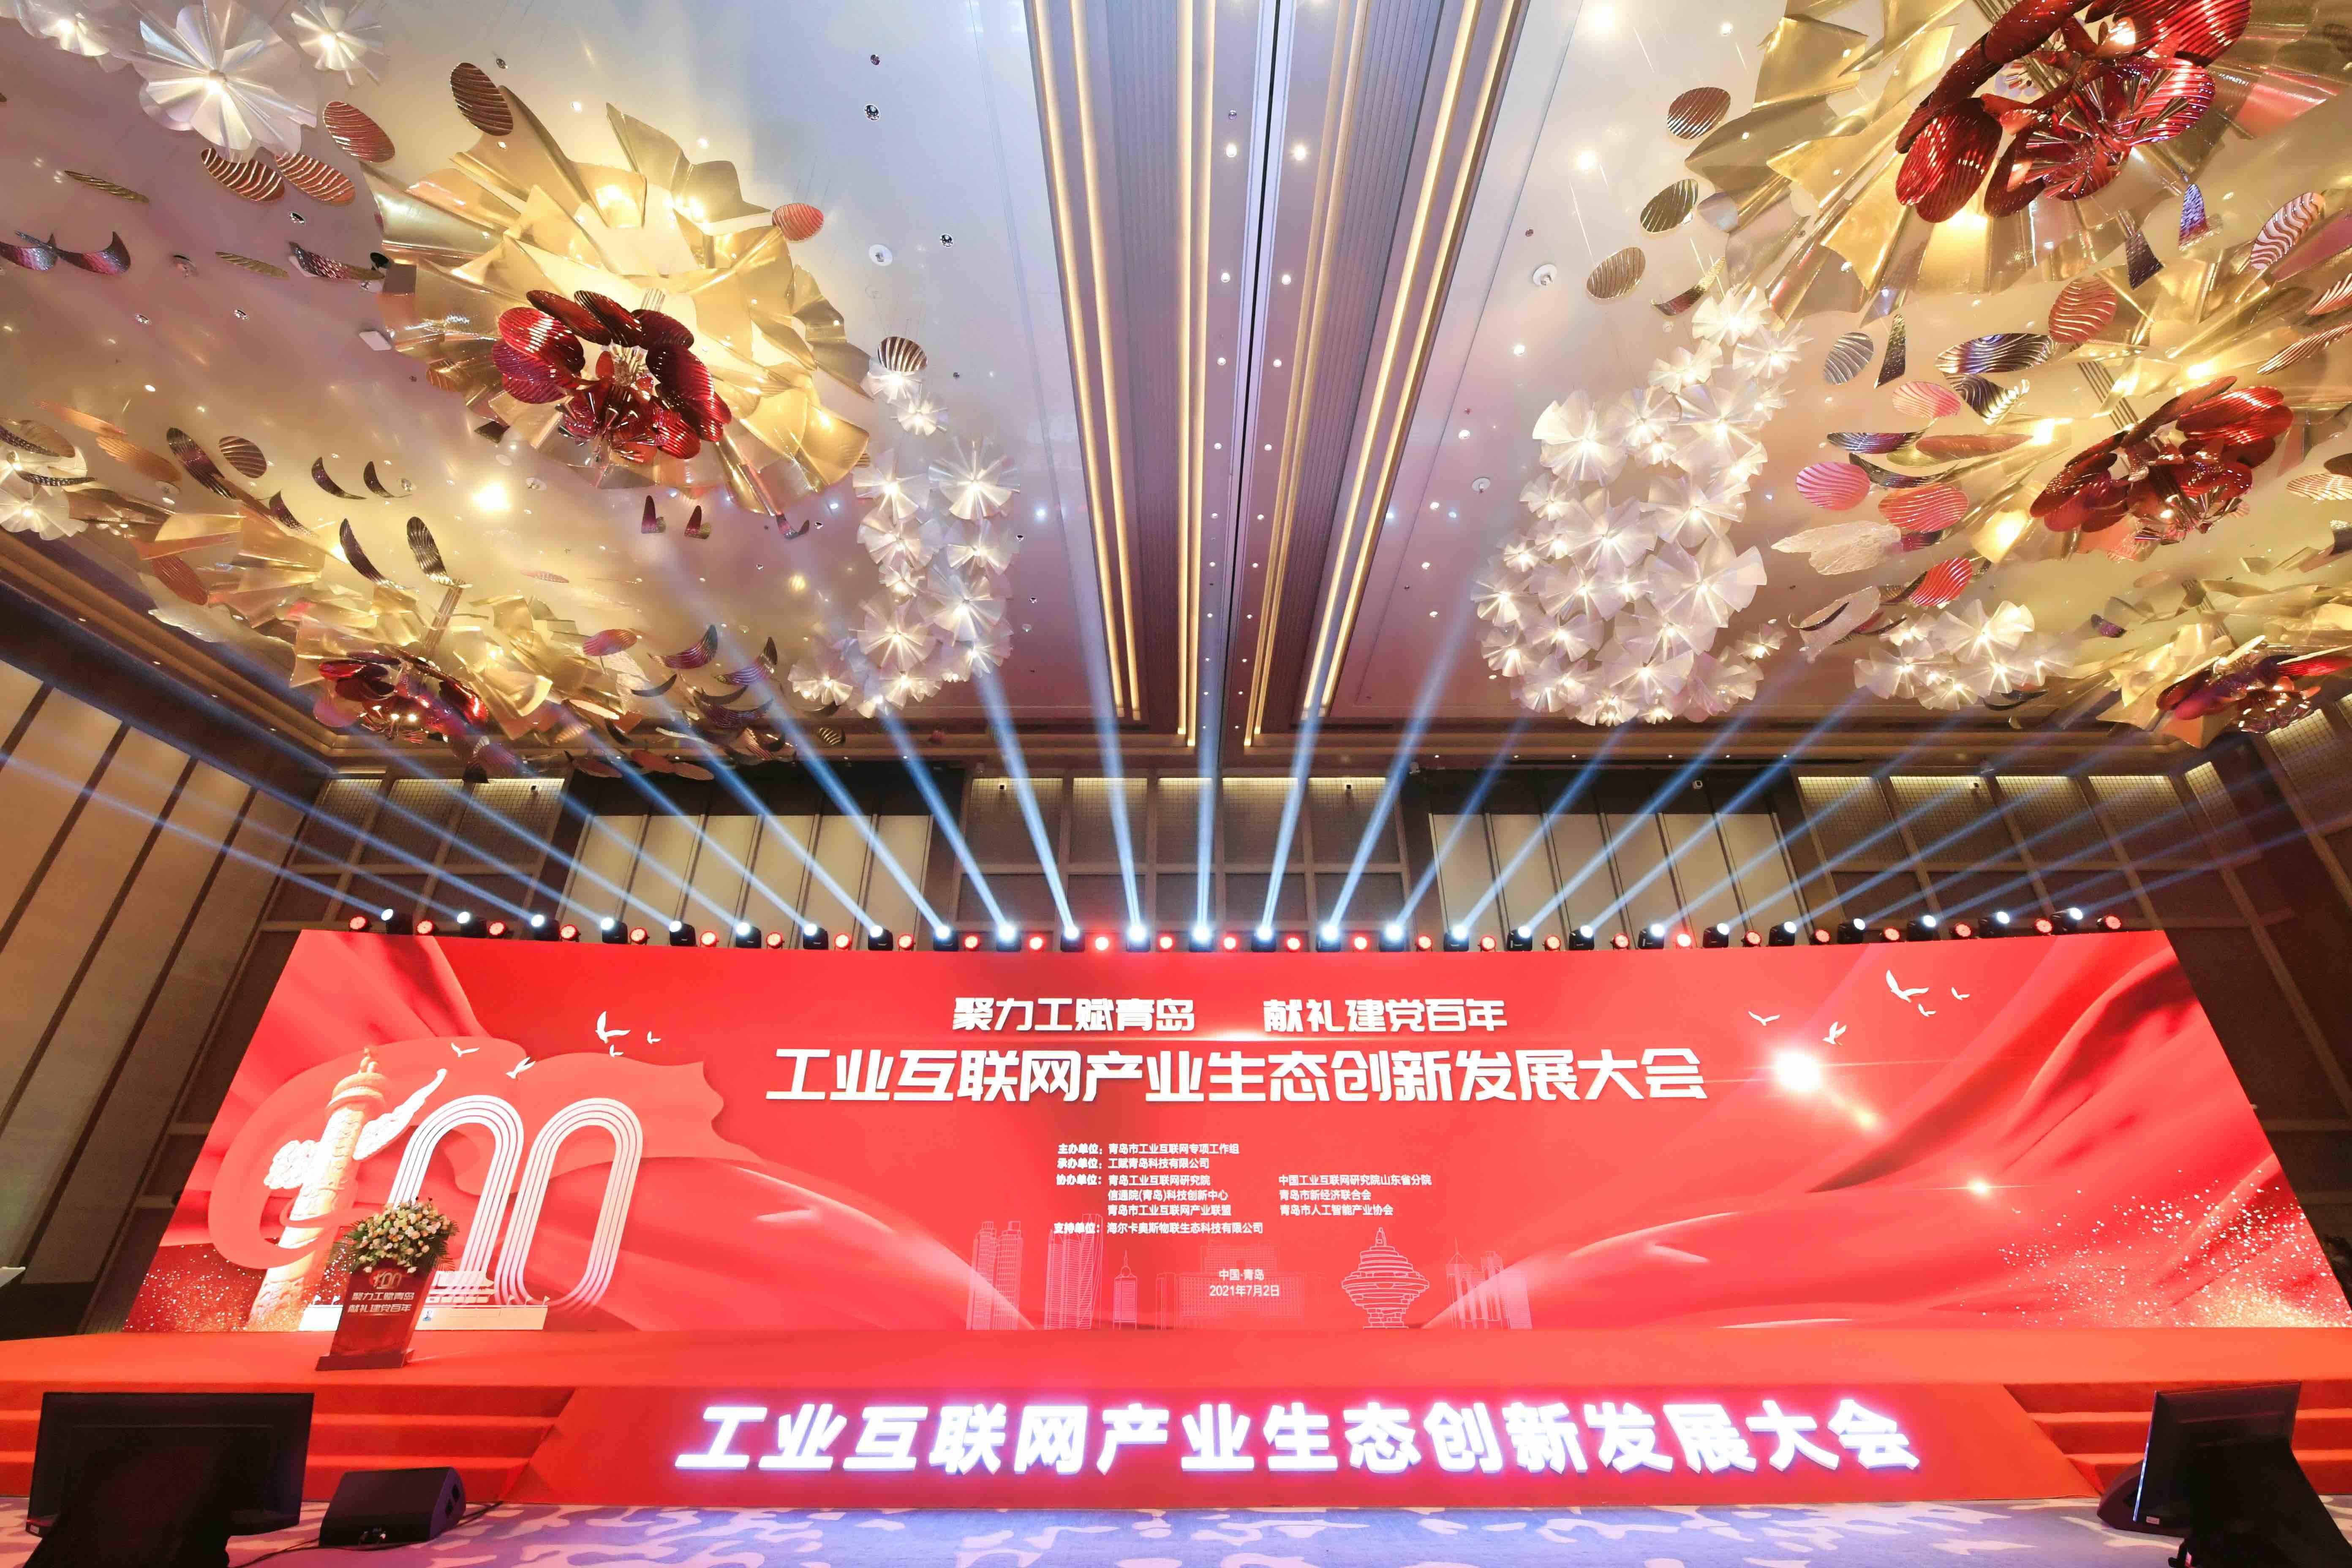 致敬百年峥嵘岁月、传承工业报国之志 ——青岛市召开工业互联网产业生态创新发展大会